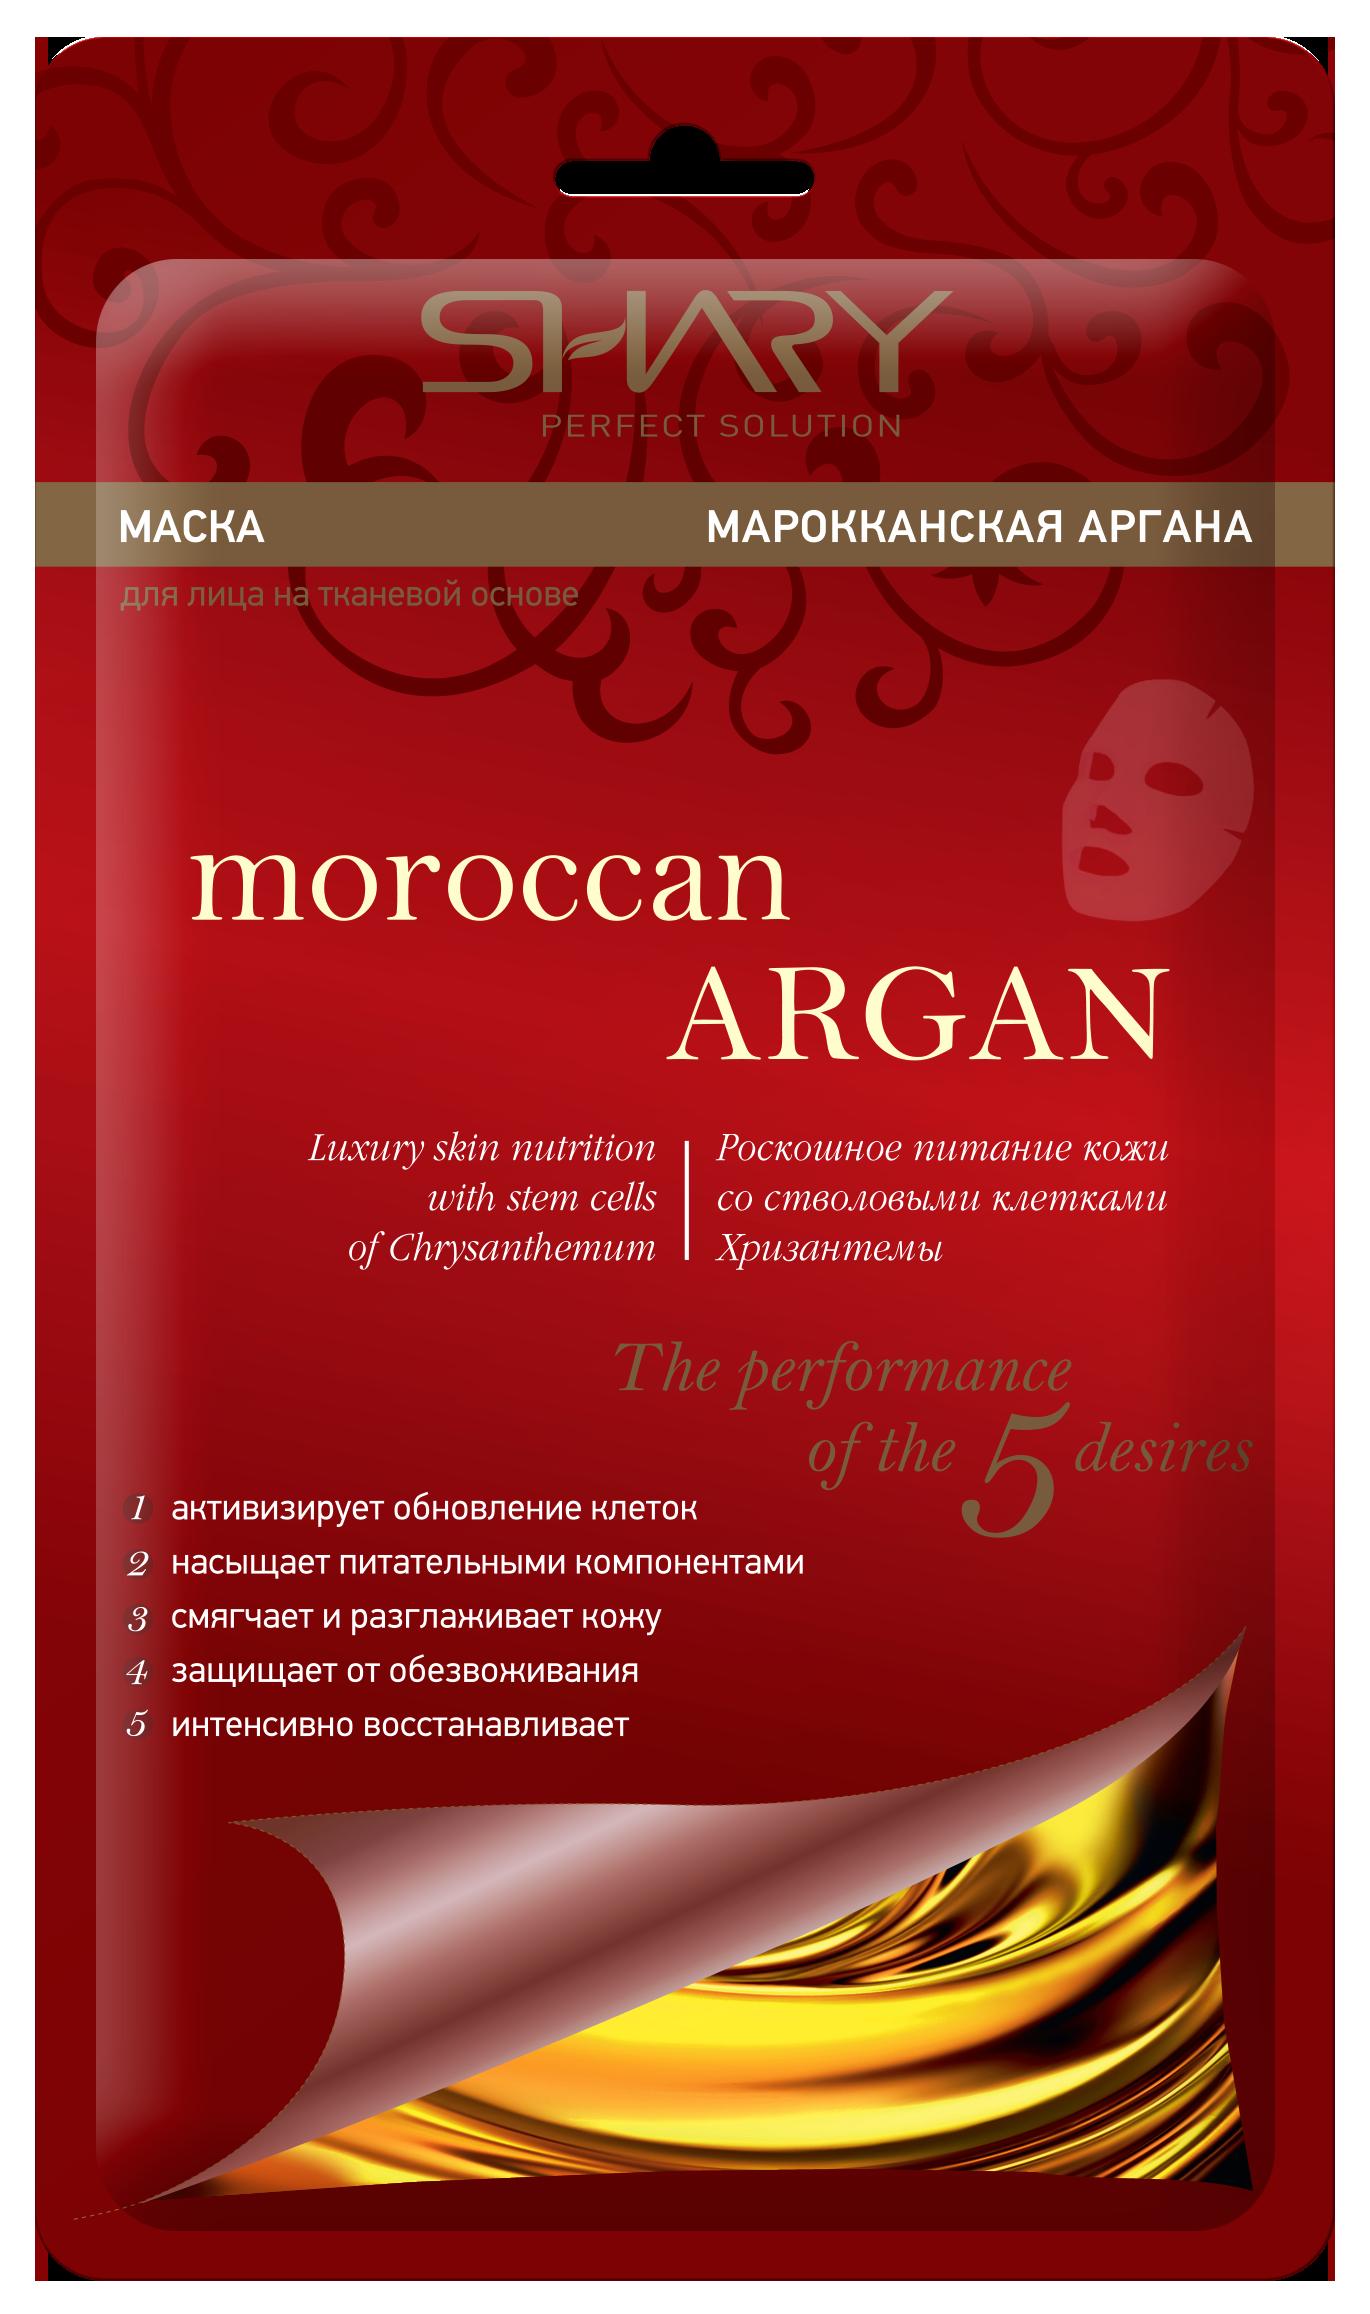 SHARY Маска для лица на тканевой основе Марокканская аргана / SHARY 20 грМаски<br>Маска «Марокканская аргана» для лица на тканевой основе. РОСКОШНОЕ ПИТАНИЕ КОЖИ СО СТВОЛОВЫМИ КЛЕТКАМИ ХРИЗАНТЕМЫ. Ценнейшее аргановое масло отличается повышенным содержанием витаминов E и F (ненасыщенных жирных кислот), которые надежно защищают кожу от разрушения свободными радикалами, предотвращая её преждевременное старение. Маска «Марокканская Аргана» для максимального действия обогащена экстрактом стволовых клеток хризантемы. В комплексе эти два ингредиента обеспечивают роскошный уход премиум-класса, насыщая клетки необходимыми питательными веществами. Активная формула стимулирует обновление эпидермиса, эффективно восстанавливает повреждения кожного покрова, снимает раздражения и поддерживает естественный гидролипидный баланс. Ваша кожа приобретает невероятную мягкость и шелковистость. Активные ингредиенты: аргановое масло, коллаген, гиалуроновая кислота, стволовые клетки хризантемы, экстракты: граната, опунции, меда. Состав: Water, Propylene Glycol, Glycerin, Dipropylene Glycol, Argania Spinosa Kernel Oil, Vaccinium Angustifolium (Blueberry) Fruit Extract, Punica Granatum Fruit Extract, Opuntia Coccinellifera Flower Extract, Honey Extract, Portulaca Oleracea Extract, Hamamelis Virginiana (Witch Hazel) Extract, Cordyceps Sinensis Extract, Chrysanthemum Indicum Callus Culture Extract, Hydrolyzed Collagen, Sodium Hyaluronate, Acetyl Hexapeptide-8, Butylene Glycol, Lecithin, Tropolone, Betaine, Allantoin, Panthenol, Tromethamine, Caprylyl Glycol, Xanthan Gum, Glycereth-26, PEG-60 Hydrogenated Castor Oil, Carbomer, Disodium EDTA, Chlorphenesin, Ethylhexylglycerin, Phenoxyethanol, Ethyl Hexanediol, 1,2-Hexanediol, Fragrance. Способ применения: Извлеките маску из упаковки, разверните и приложите её к предварительно очищенному лицу. Расправьте образовавшиеся складочки, чтобы маска плотно прилегала к коже. Спустя 10-15 минут снимите маску и распределите остатки средства мягкими скользящим